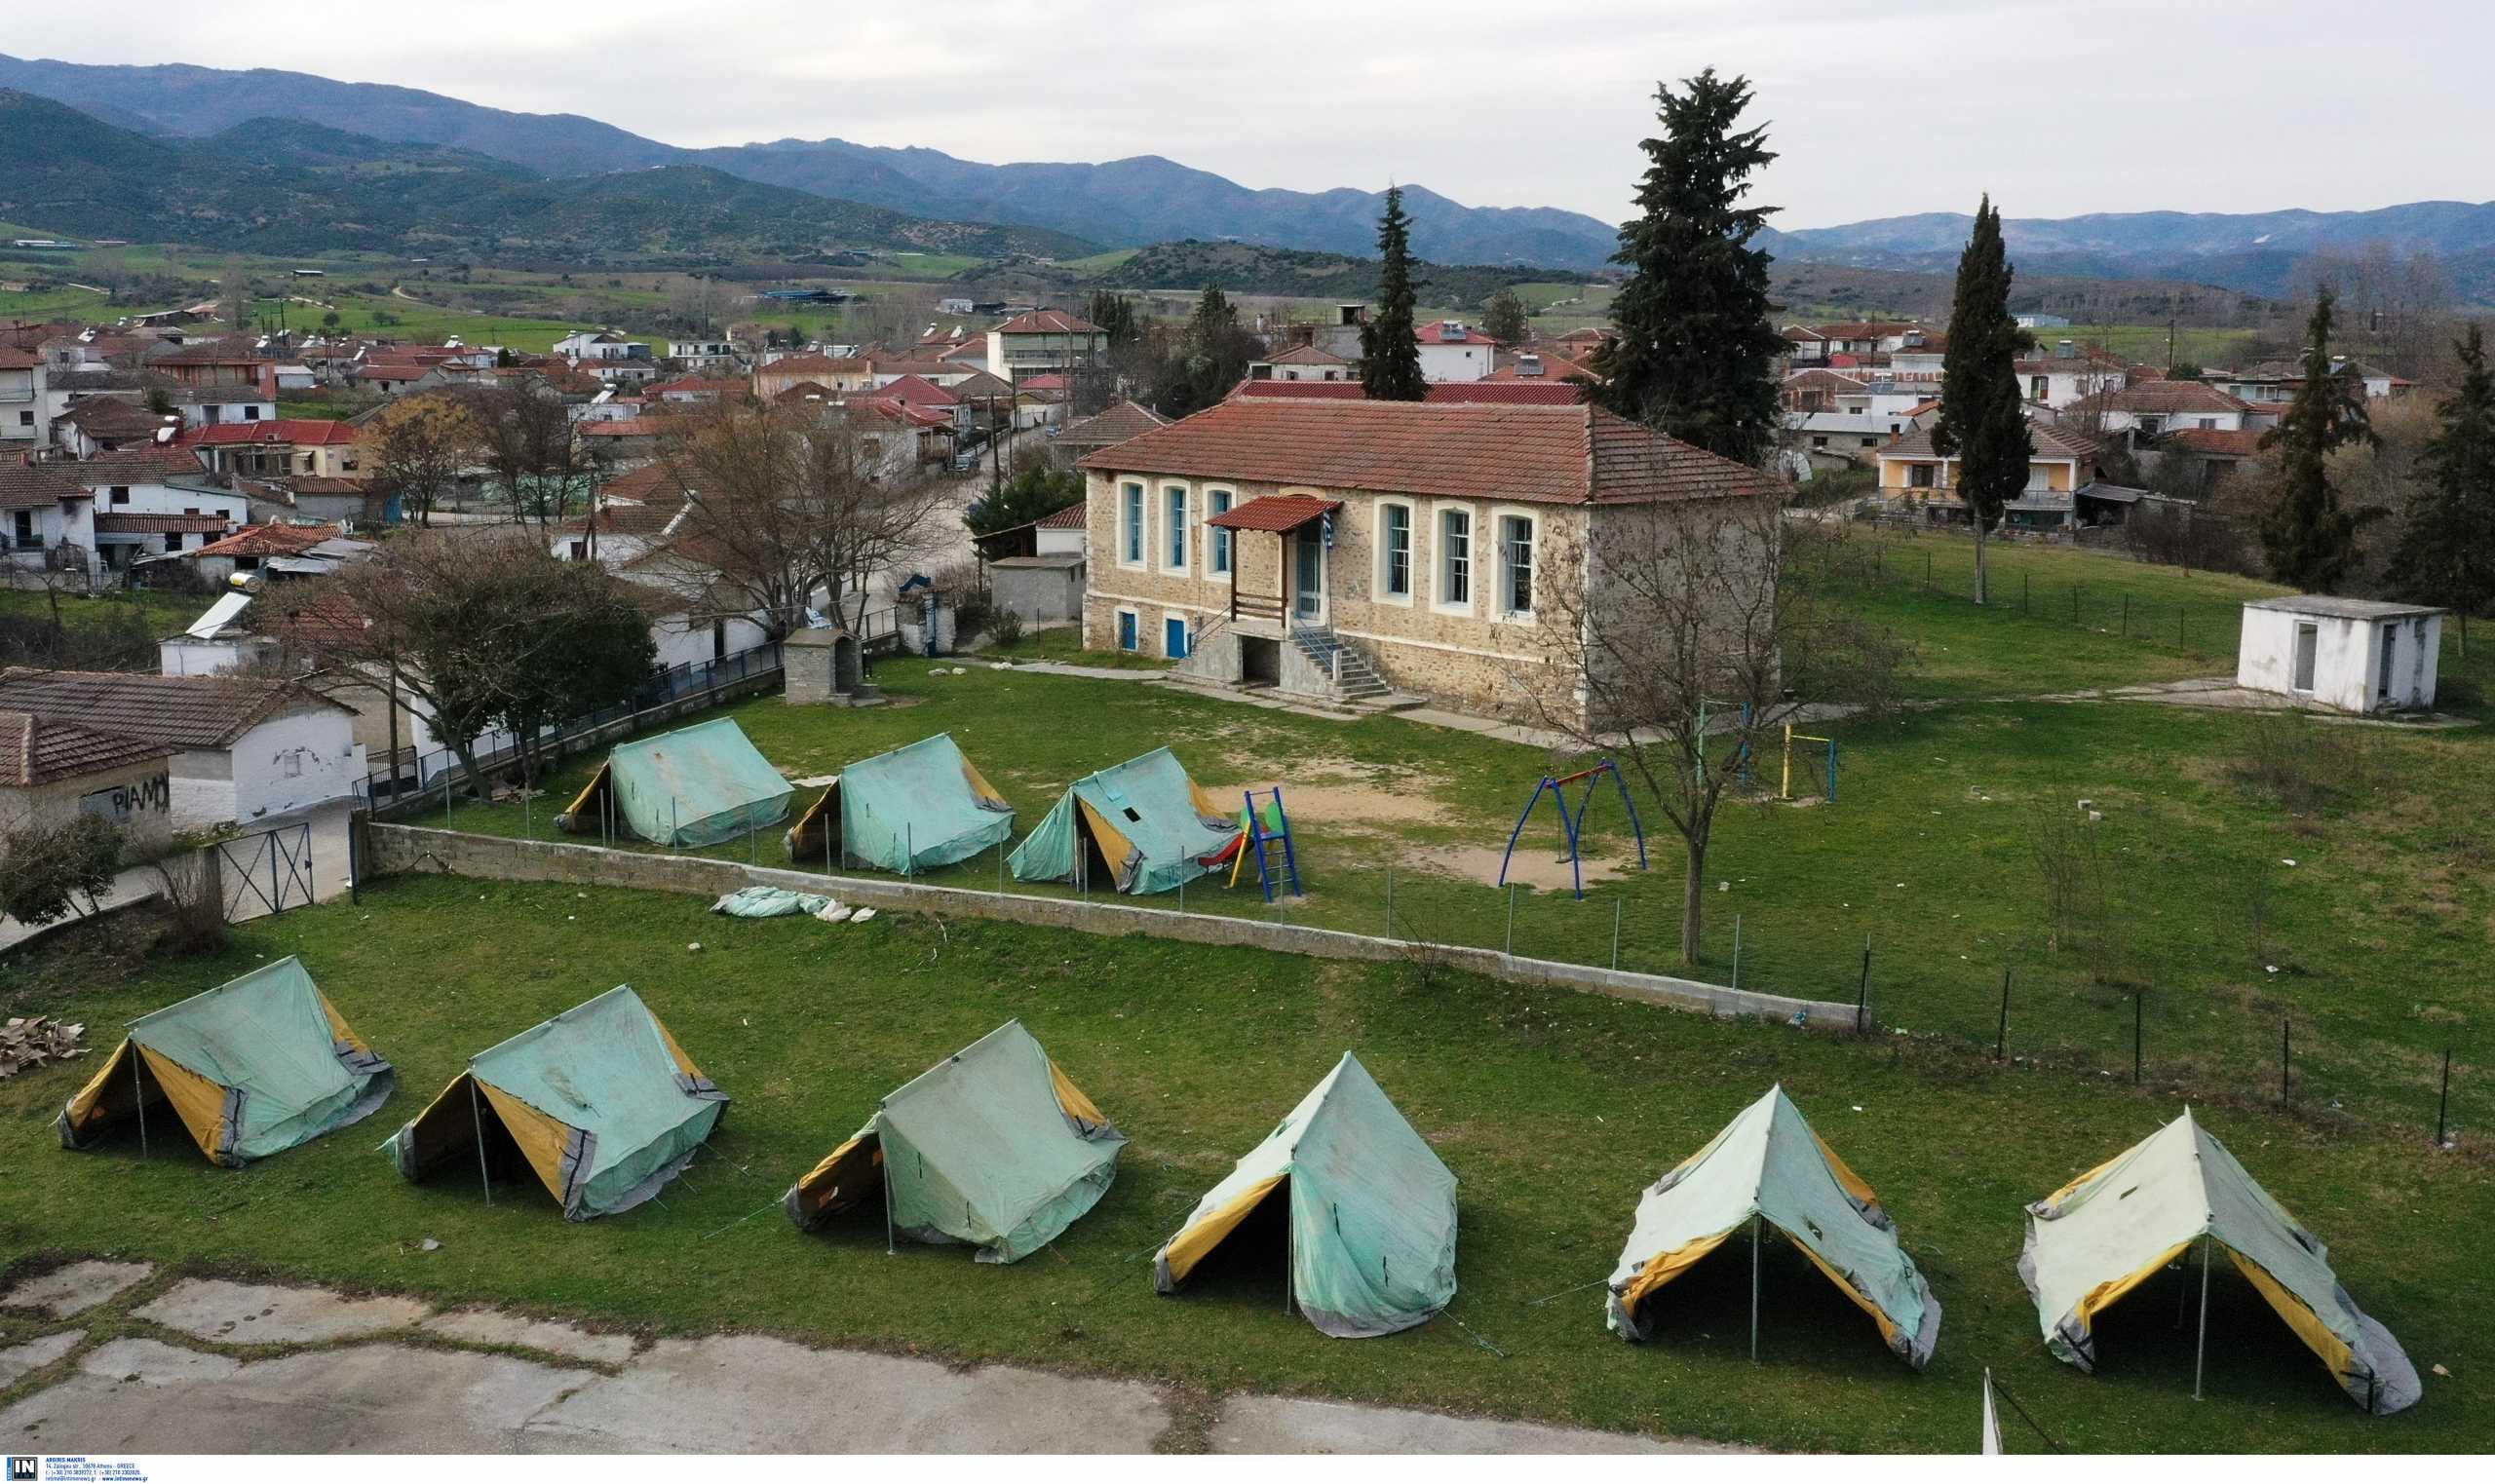 Θεσσαλία: 214 δηλωμένες ζημιές στις ασφαλιστικές εταιρείες από τους σεισμούς του Μαρτίου